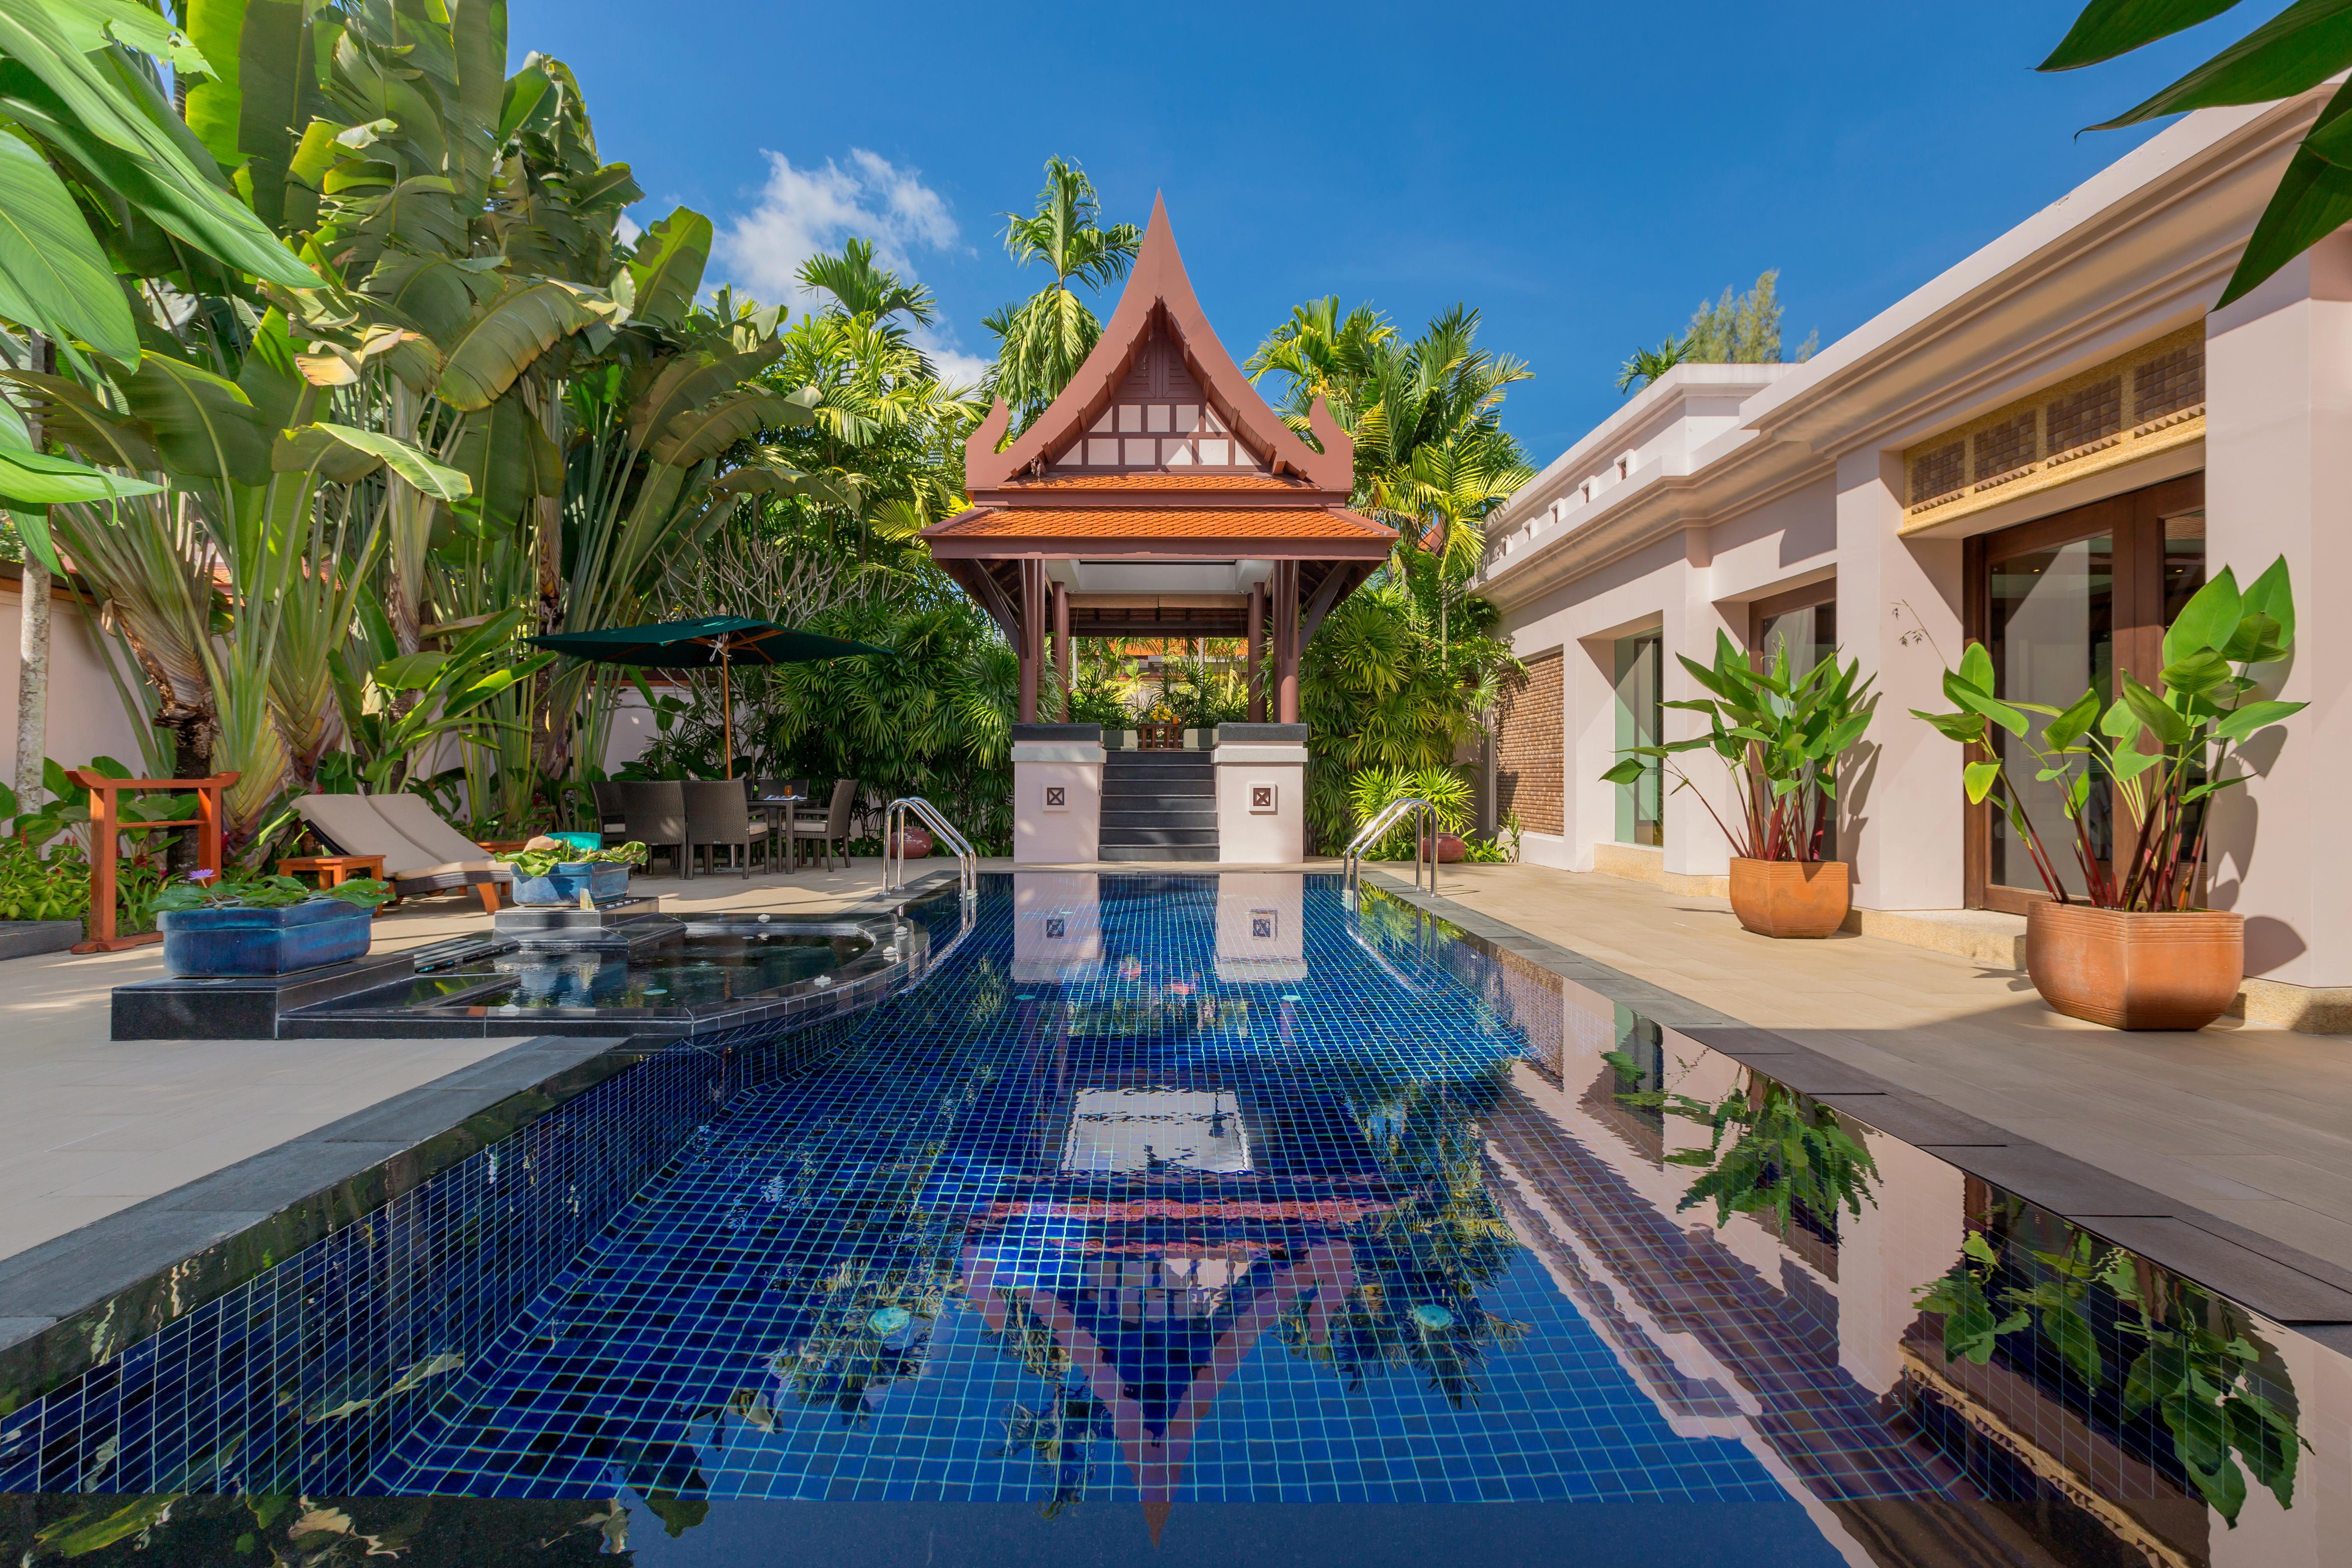 banyan-tree-phuket-luxury-holiday